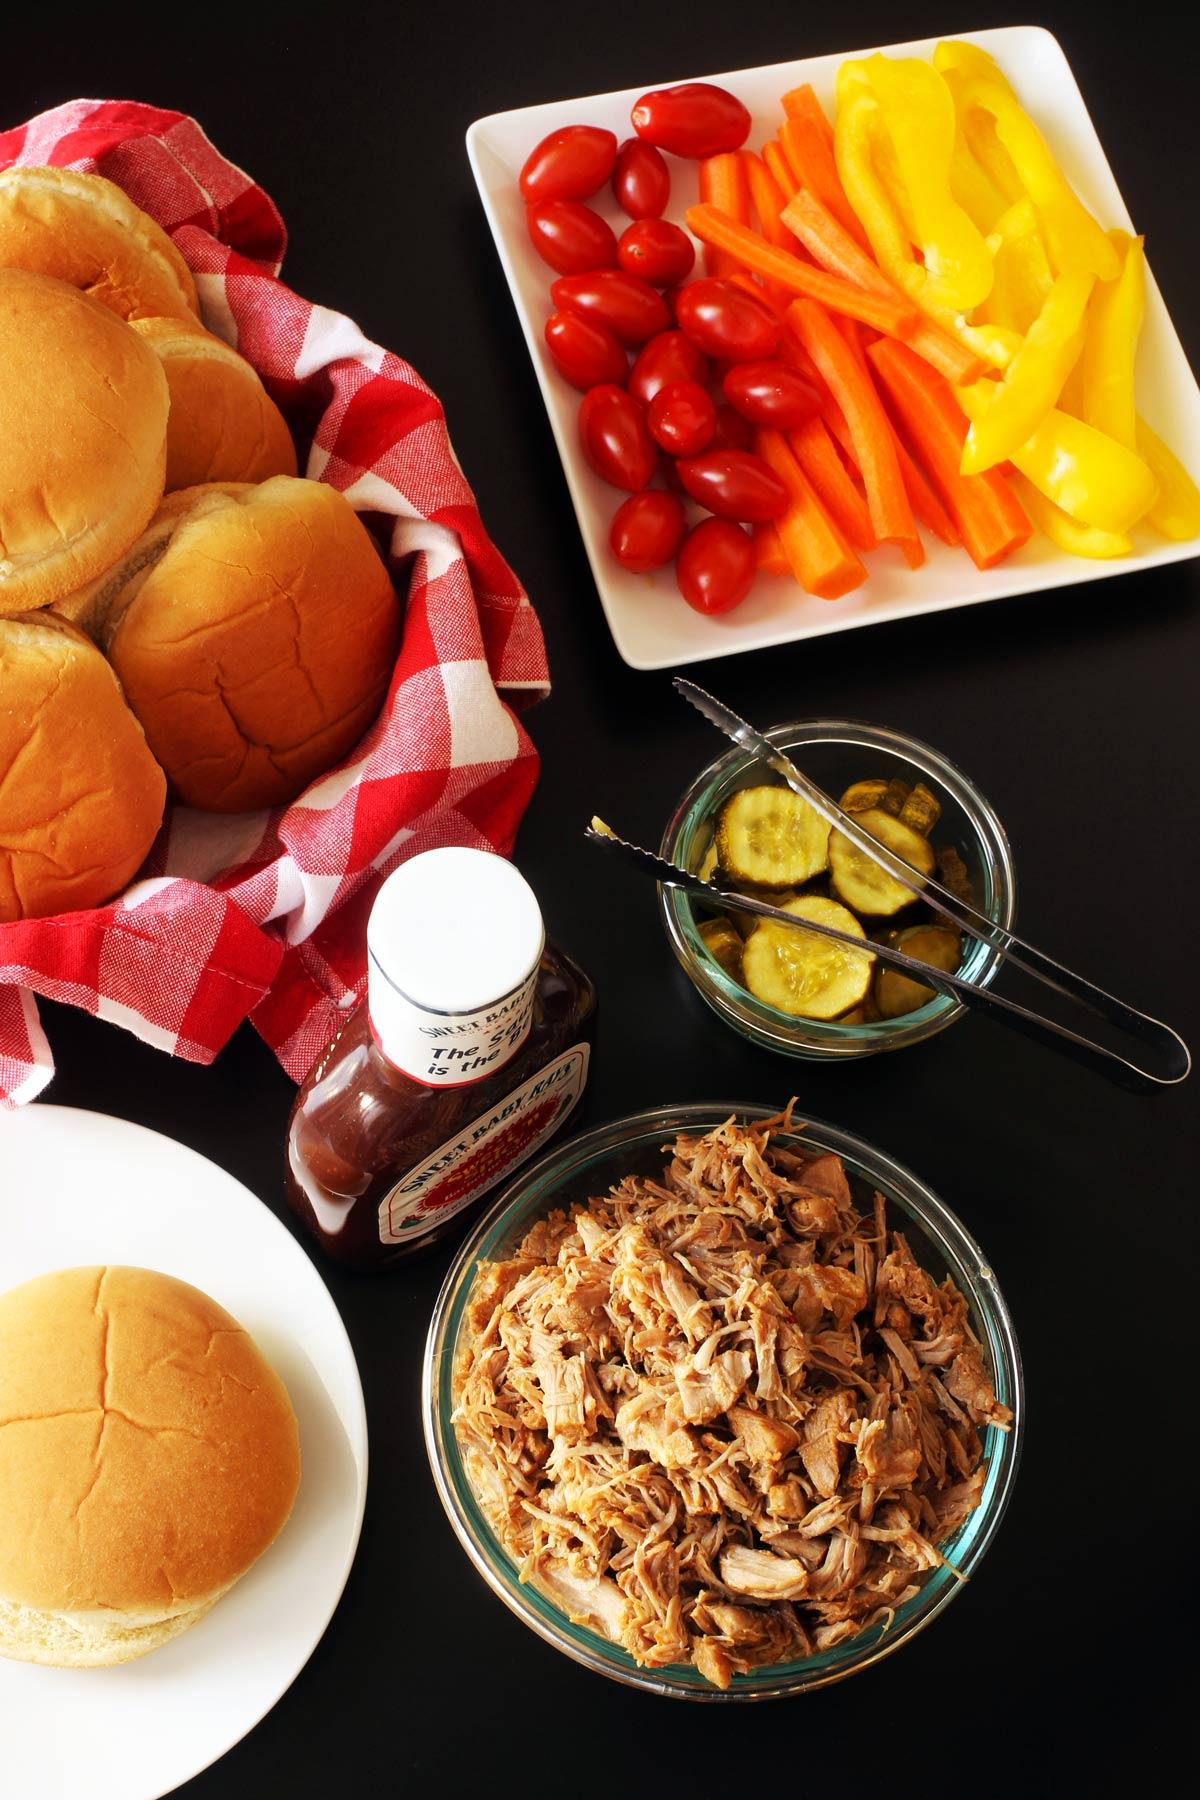 BBQ pork dinner table set